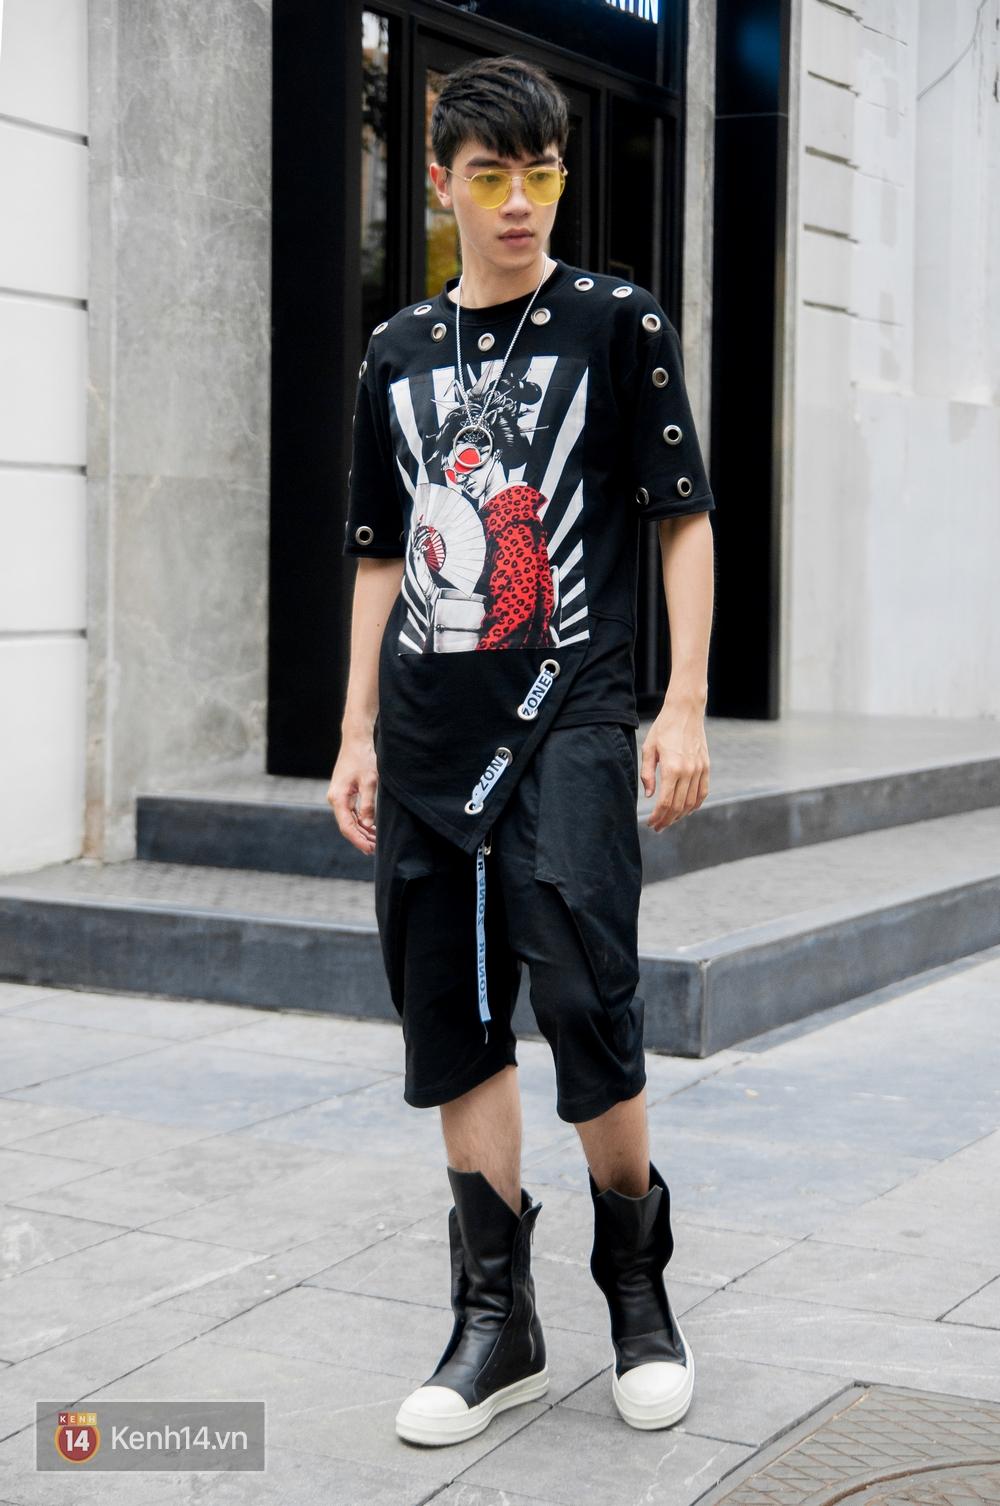 Trời dần vào thu, street style của giới trẻ Việt cũng đa dạng và chất hơn hẳn - Ảnh 14.